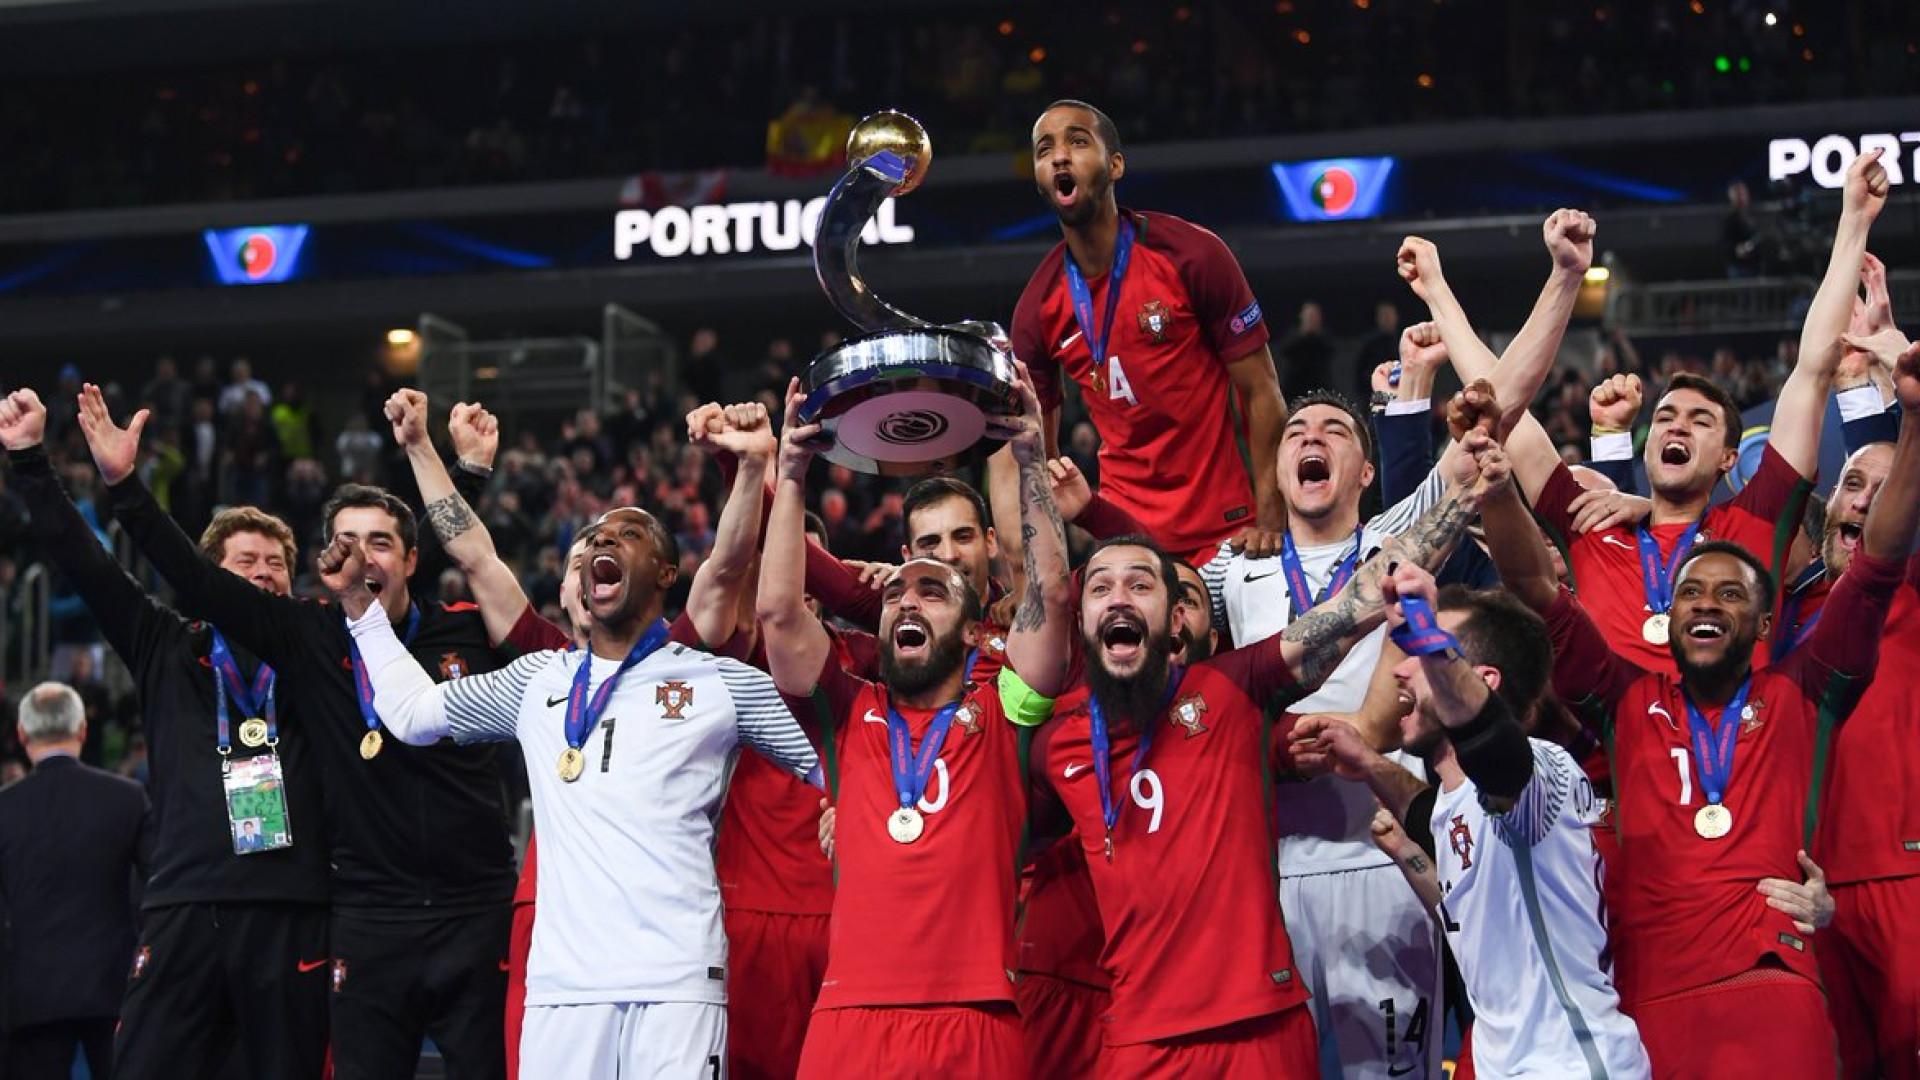 Histórico  Portugal sagra-se campeão da Europa em futsal b9906f7e1c586